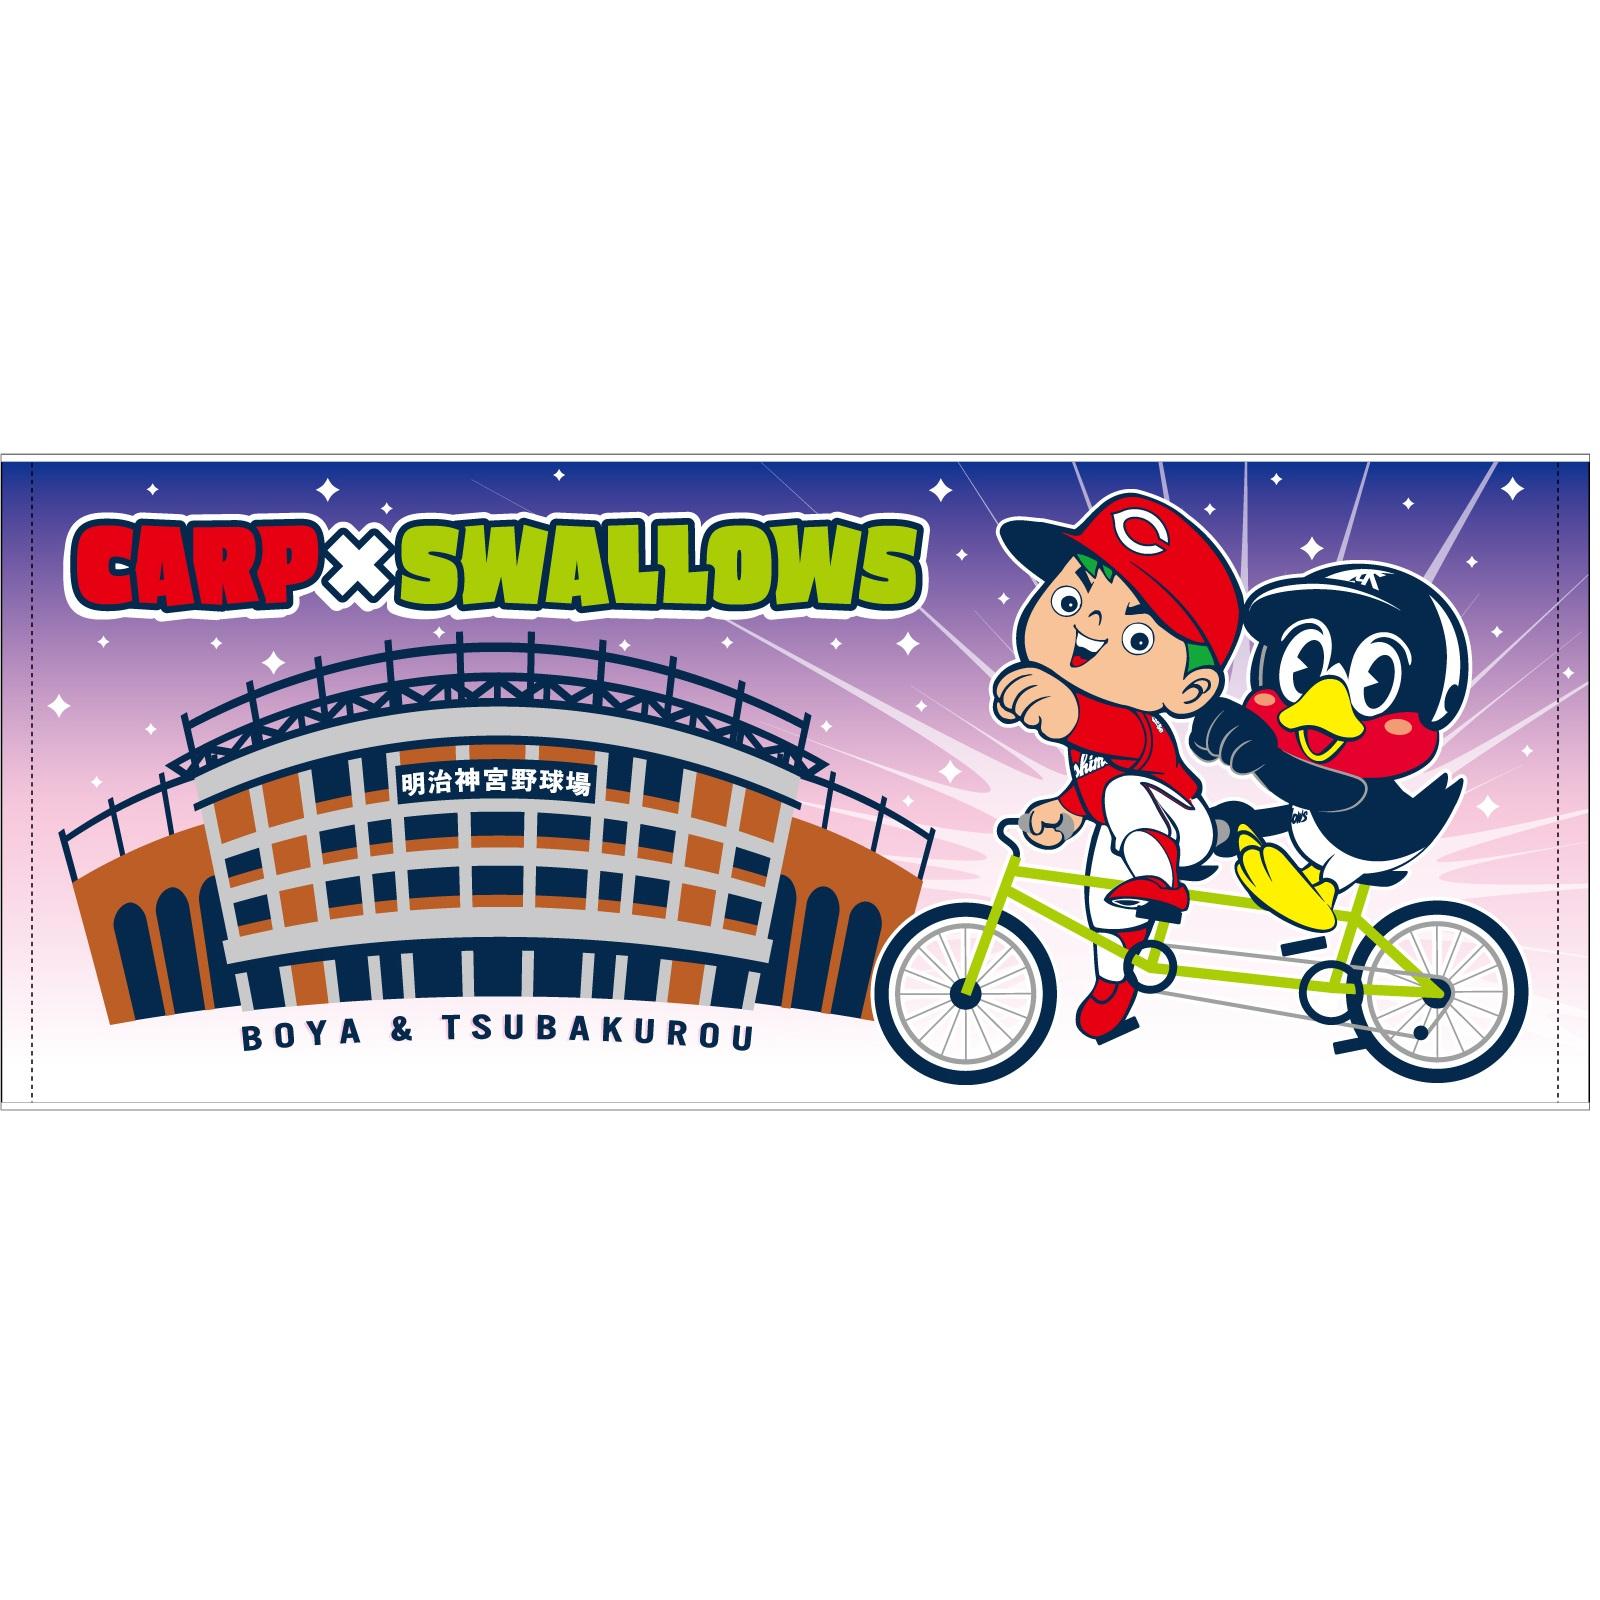 つば九郎×カープ坊やコラボフェイスタオル(自転車)